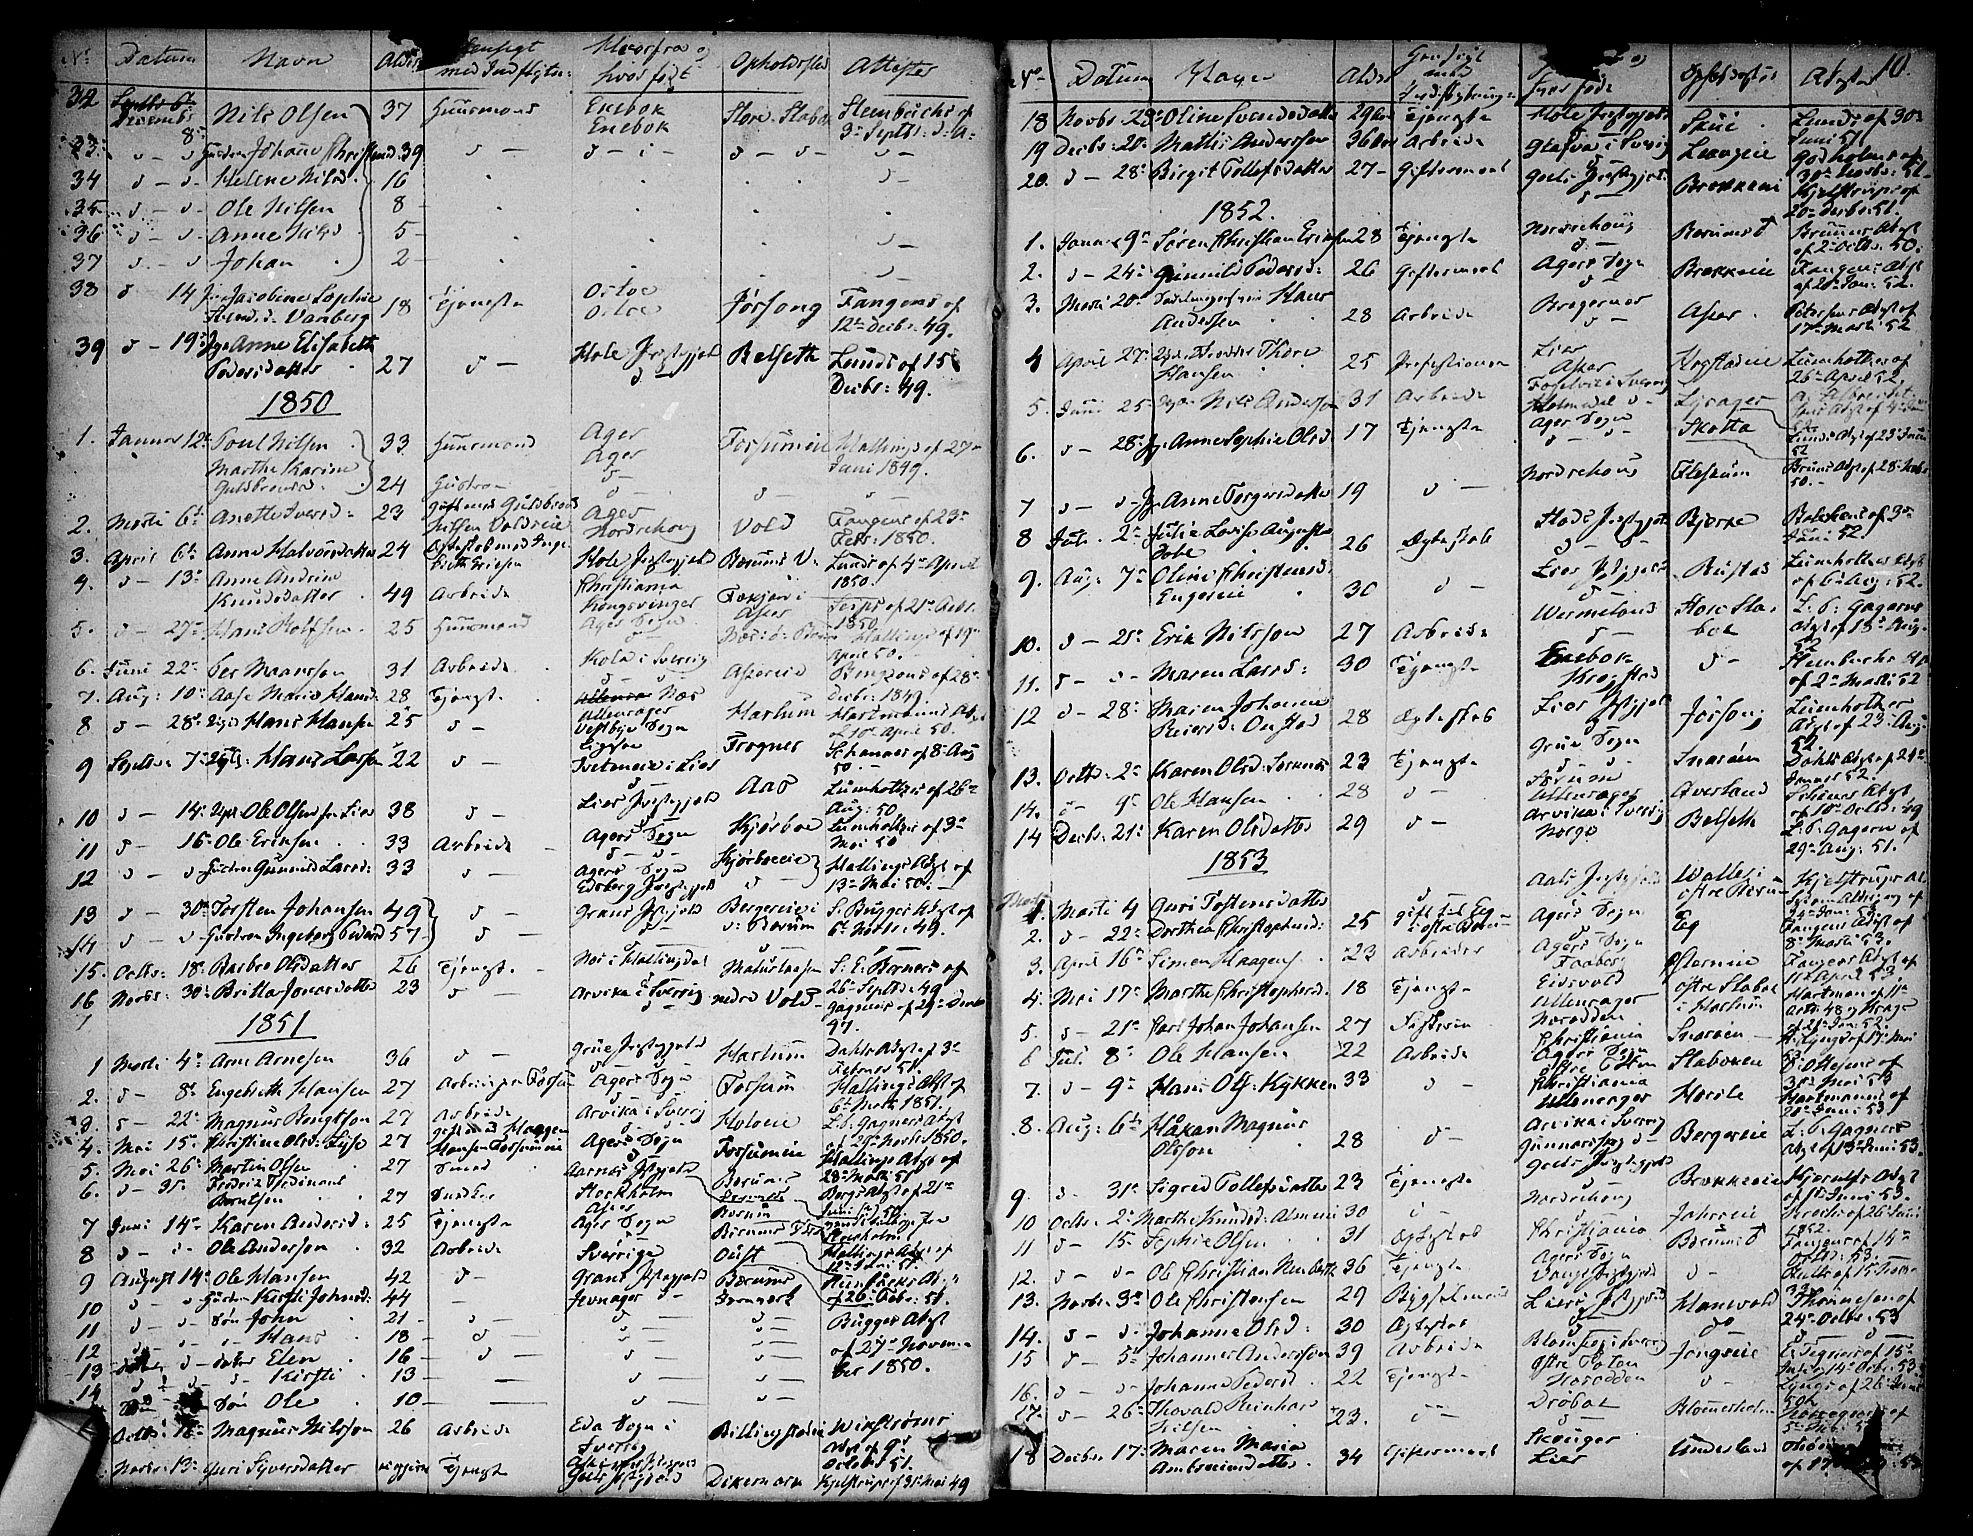 SAO, Asker prestekontor Kirkebøker, F/Fa/L0012: Ministerialbok nr. I 12, 1825-1878, s. 10